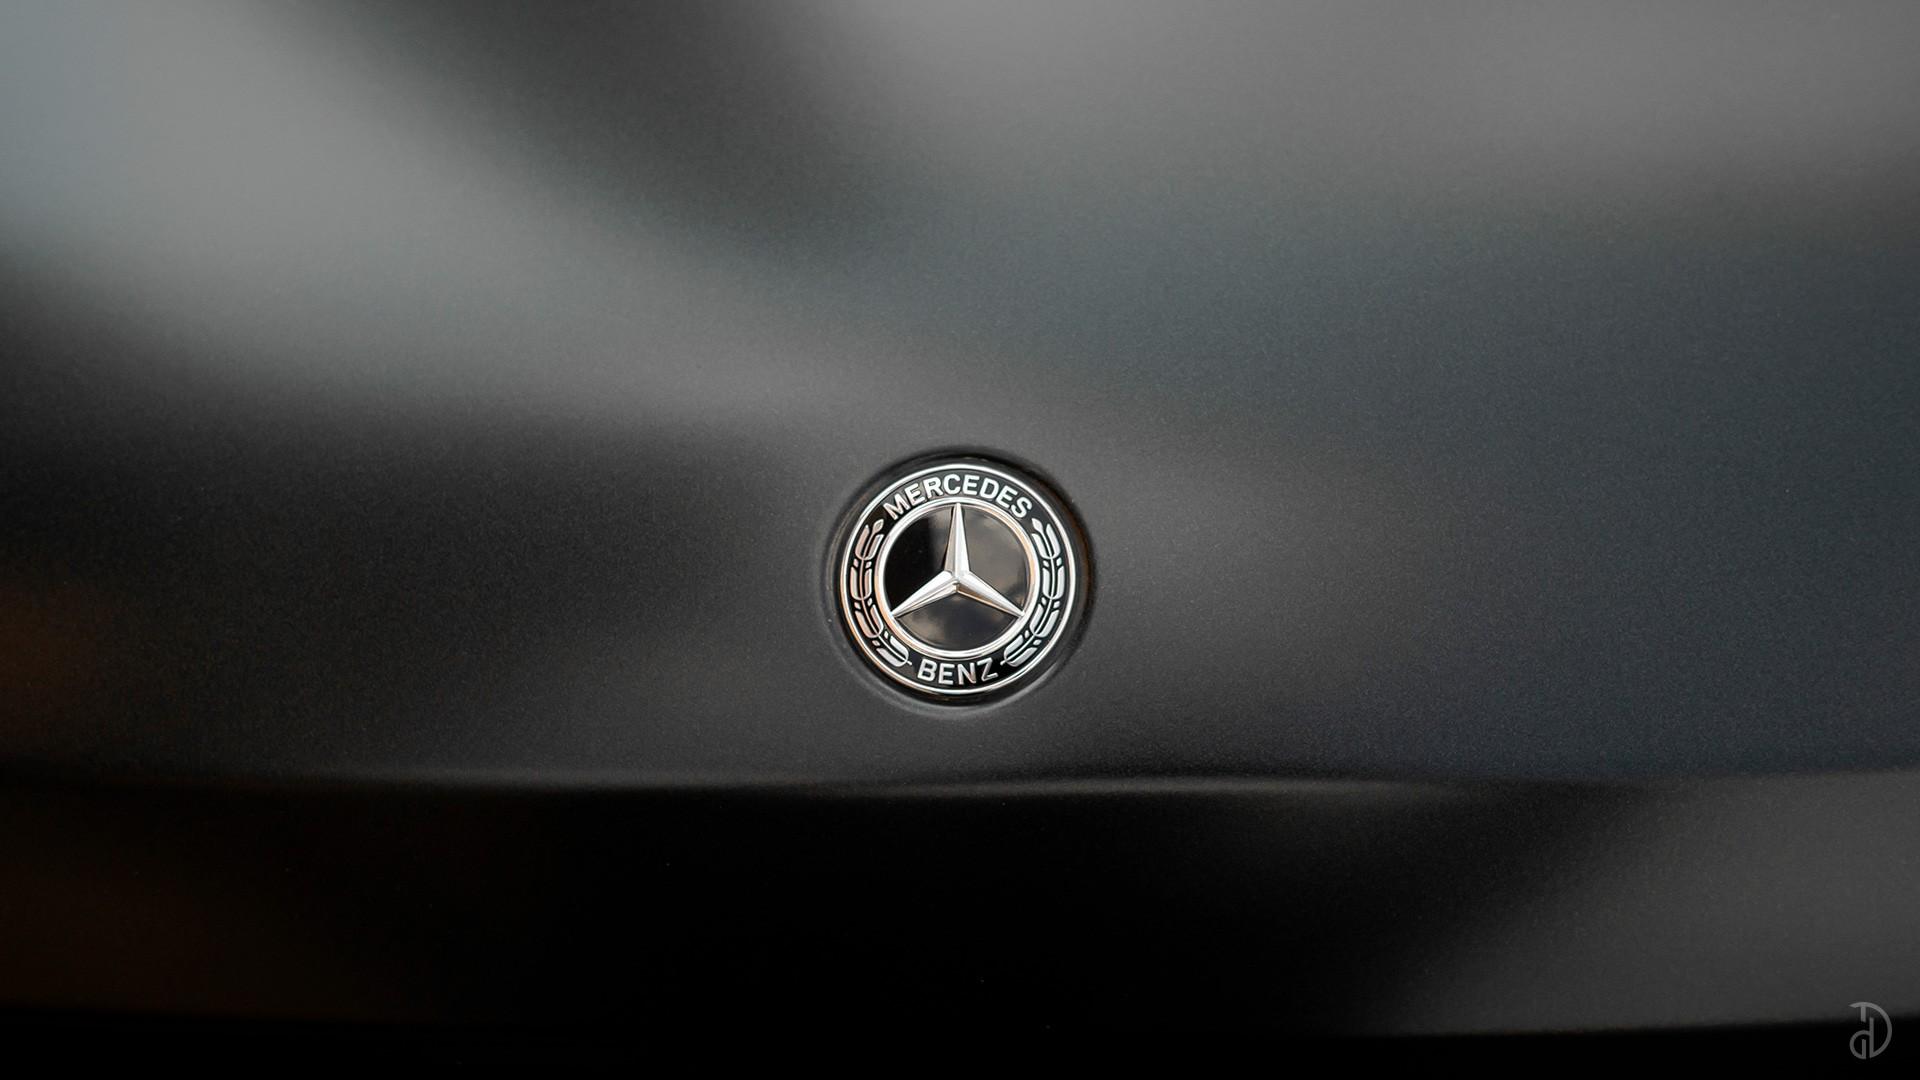 Аренда Гелендвагена Mercedes G 63 AMG 2020 в Москве. Фото 8